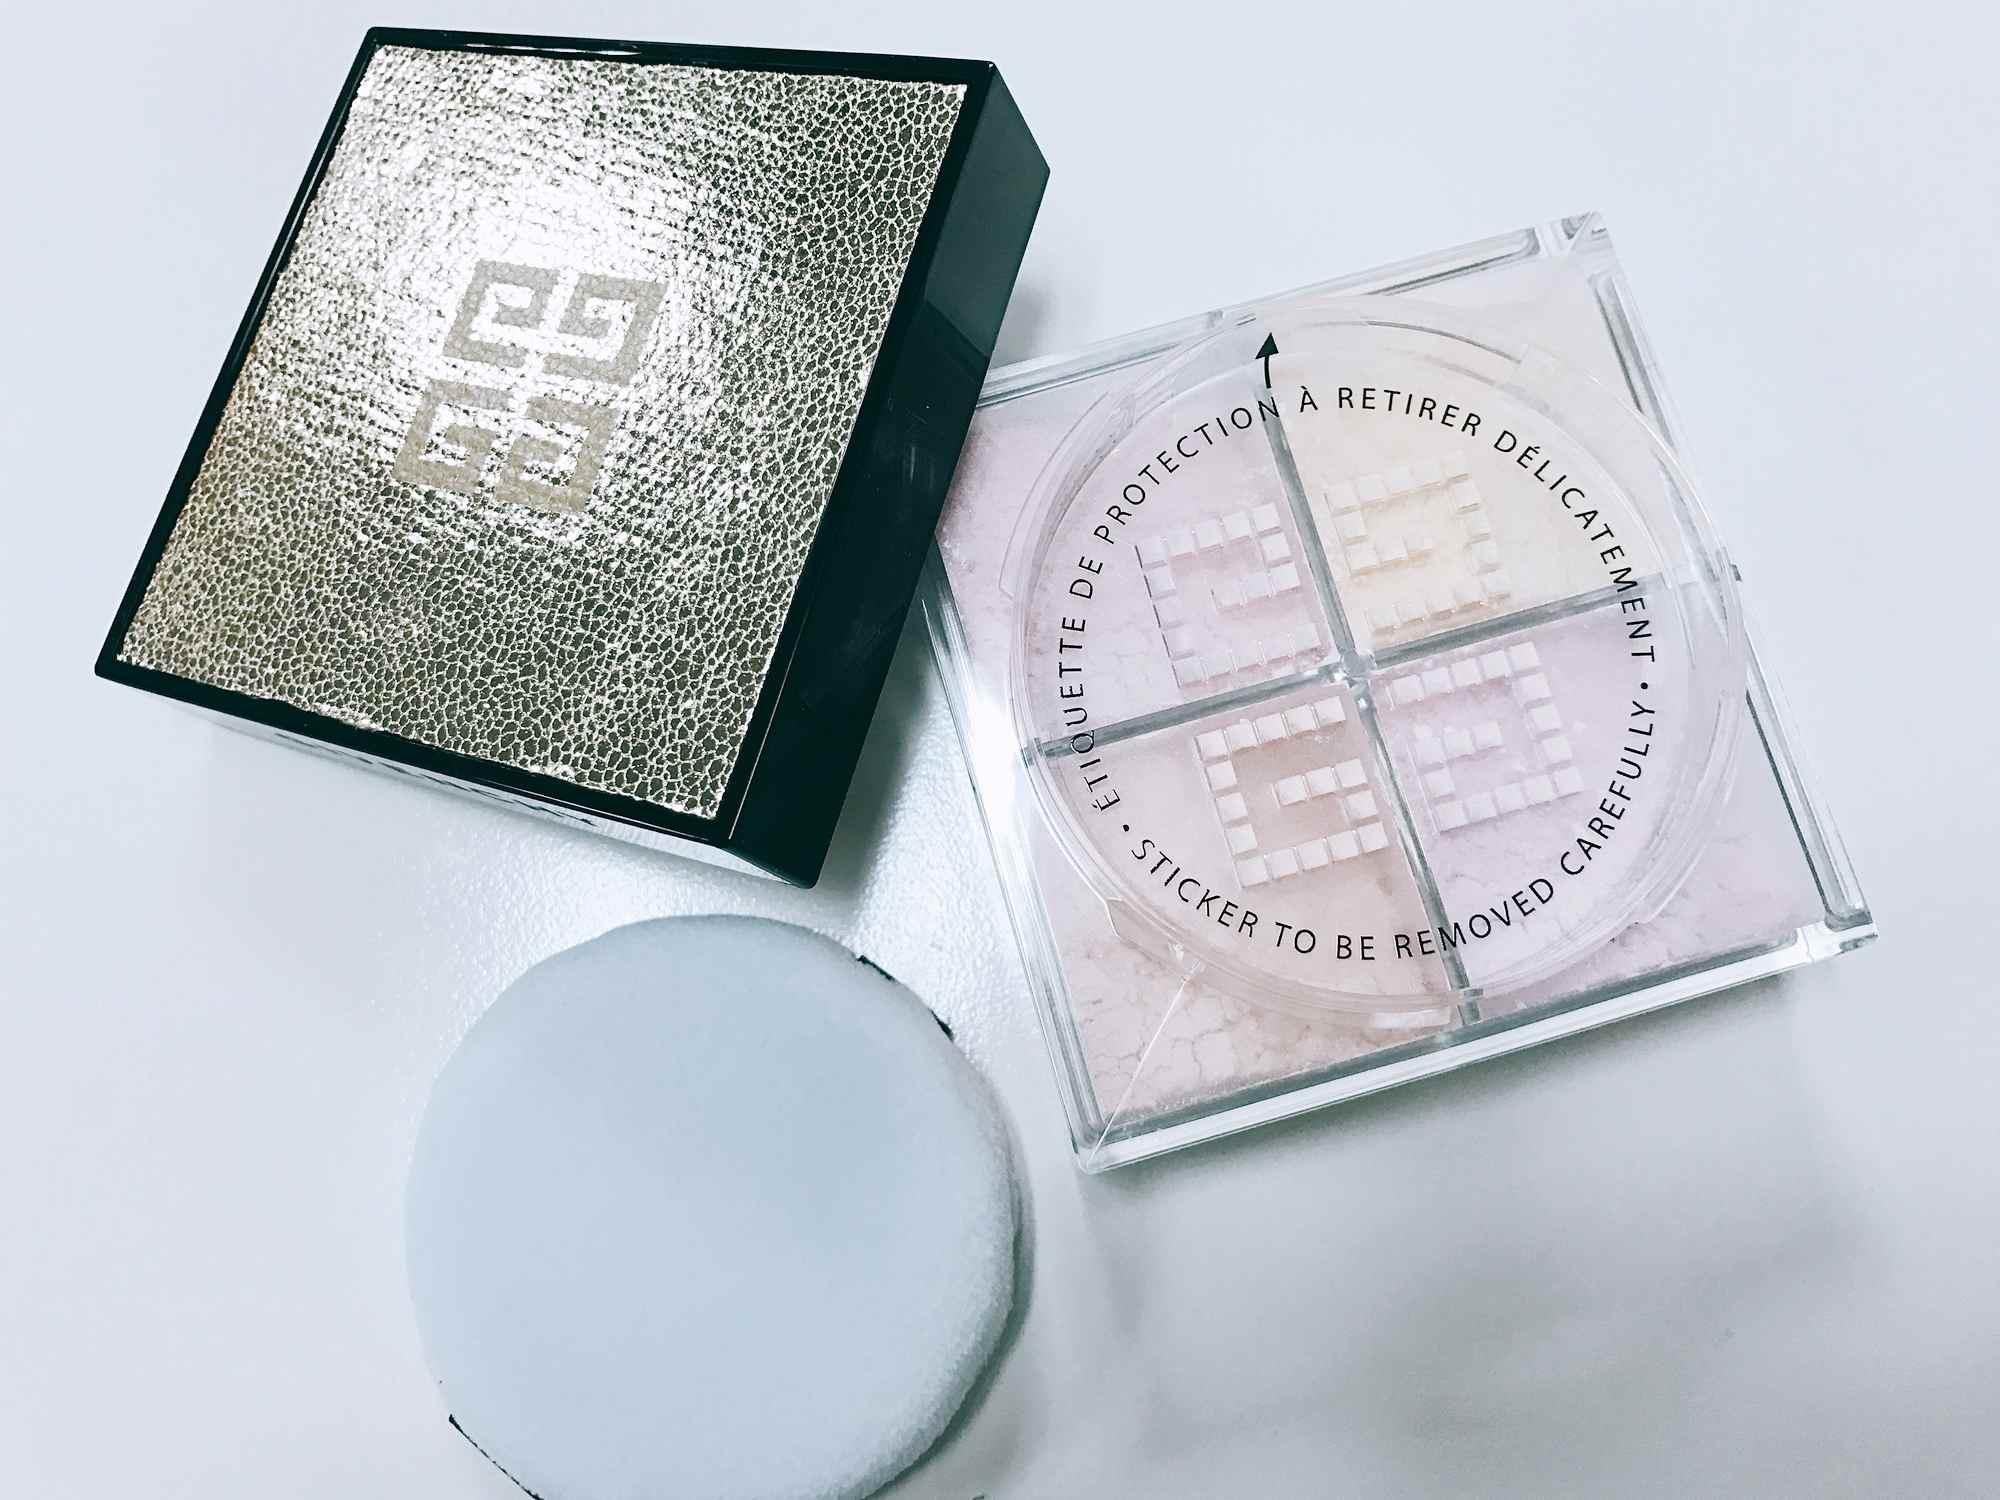 精心調製出四格迷人「粉嫩肌」色澤蜜粉,粉質細緻輕盈,可以打造出兼具霧面、透明、明亮感的平滑妝容。